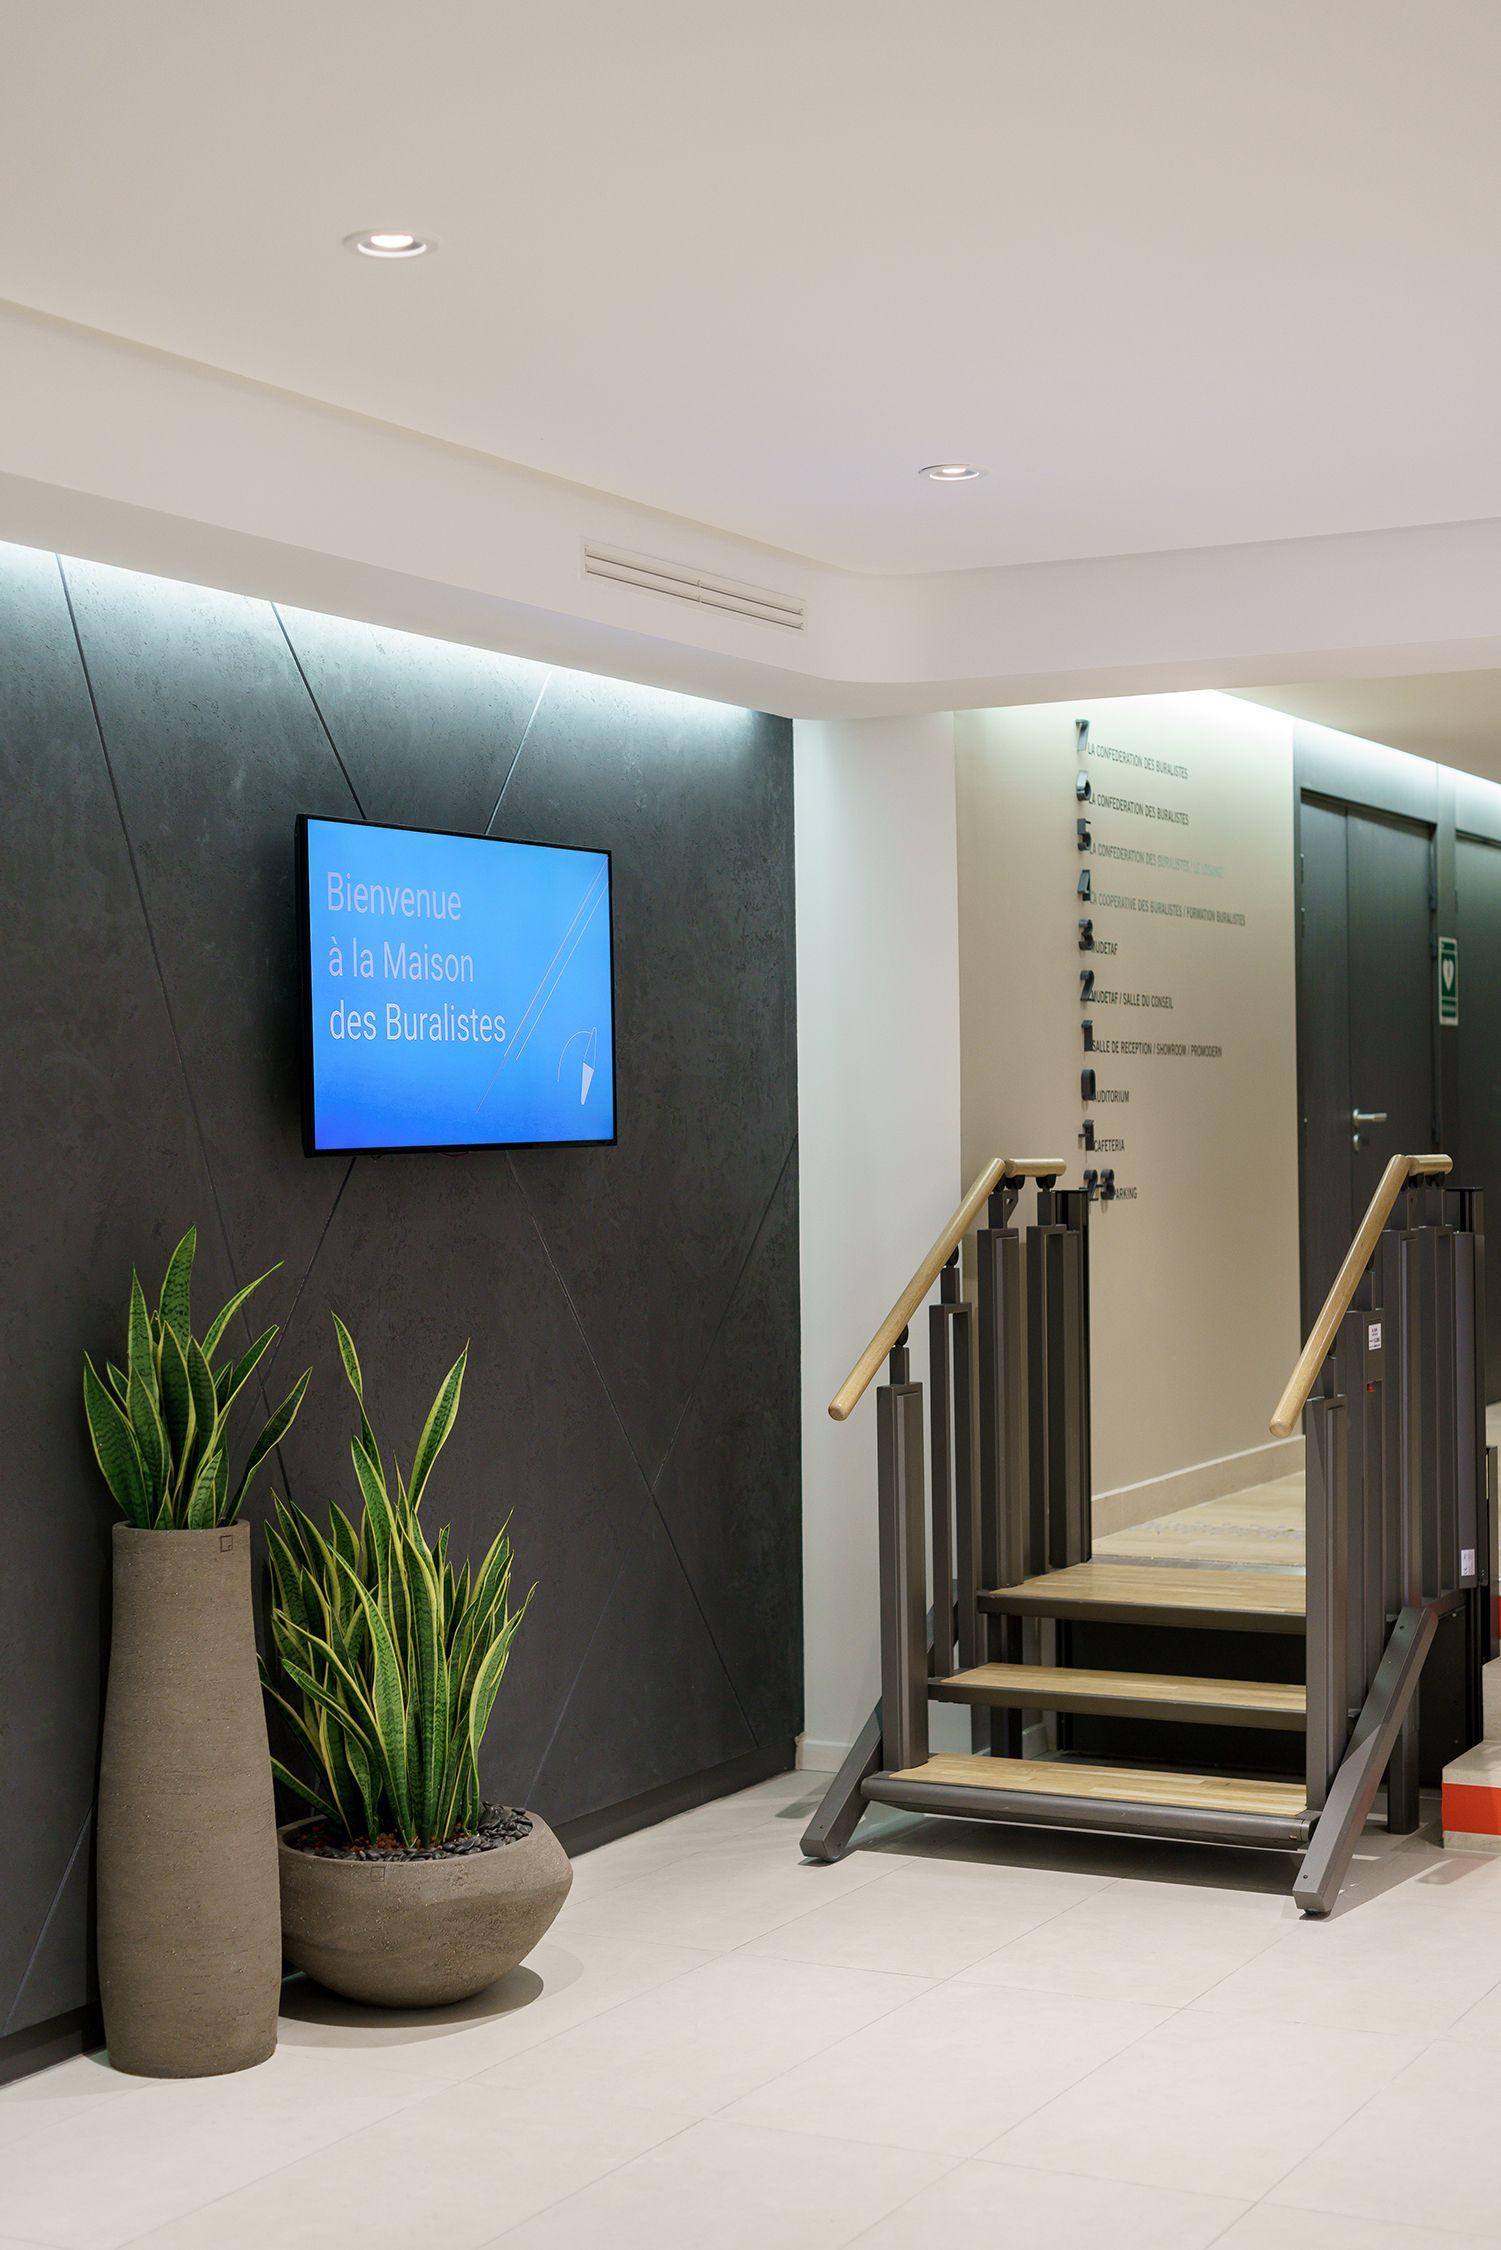 Deco A Tous Les Etages plante #vegetal #escaliers #immeuble #étages #gris